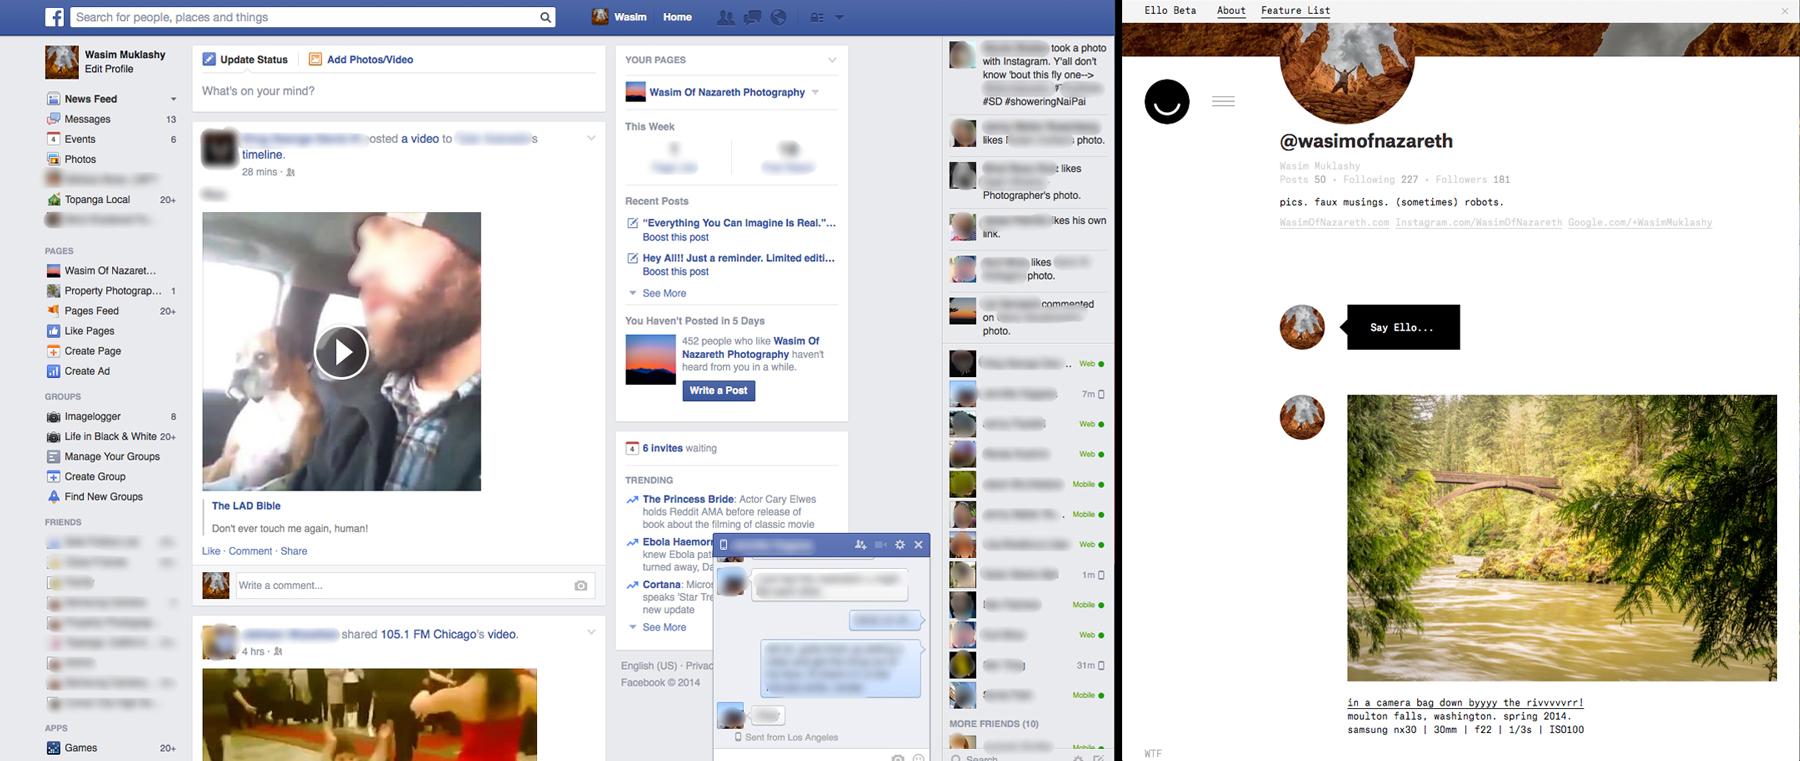 facebook versus ello comparison image